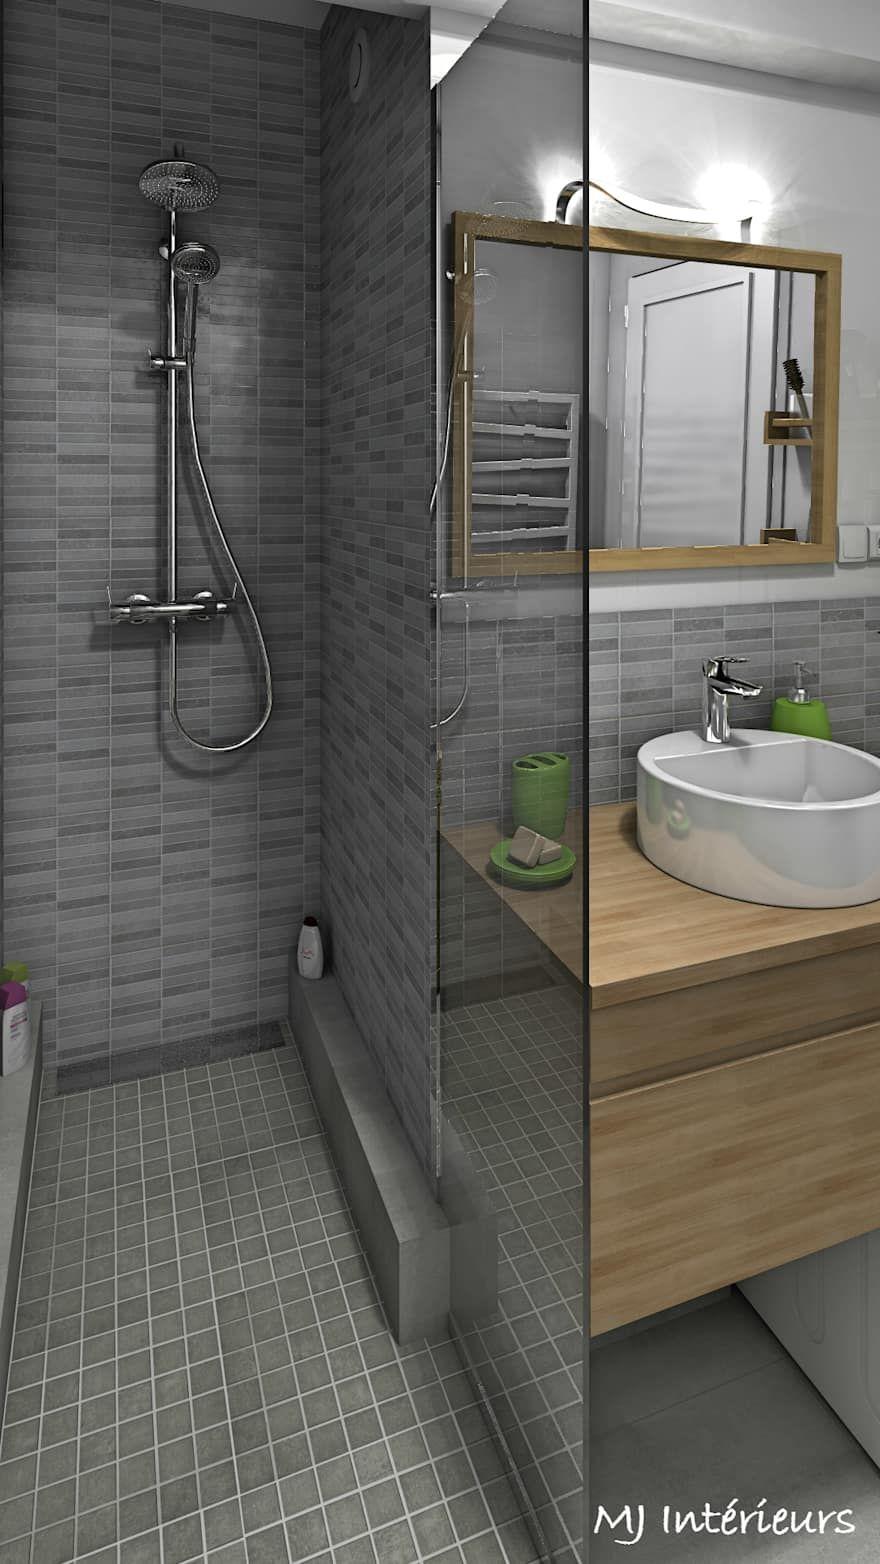 Une douche l 39 italienne a remplac la baignoire salle de bains de style par mj int rieurs for Amenagement salle de bain douche italienne